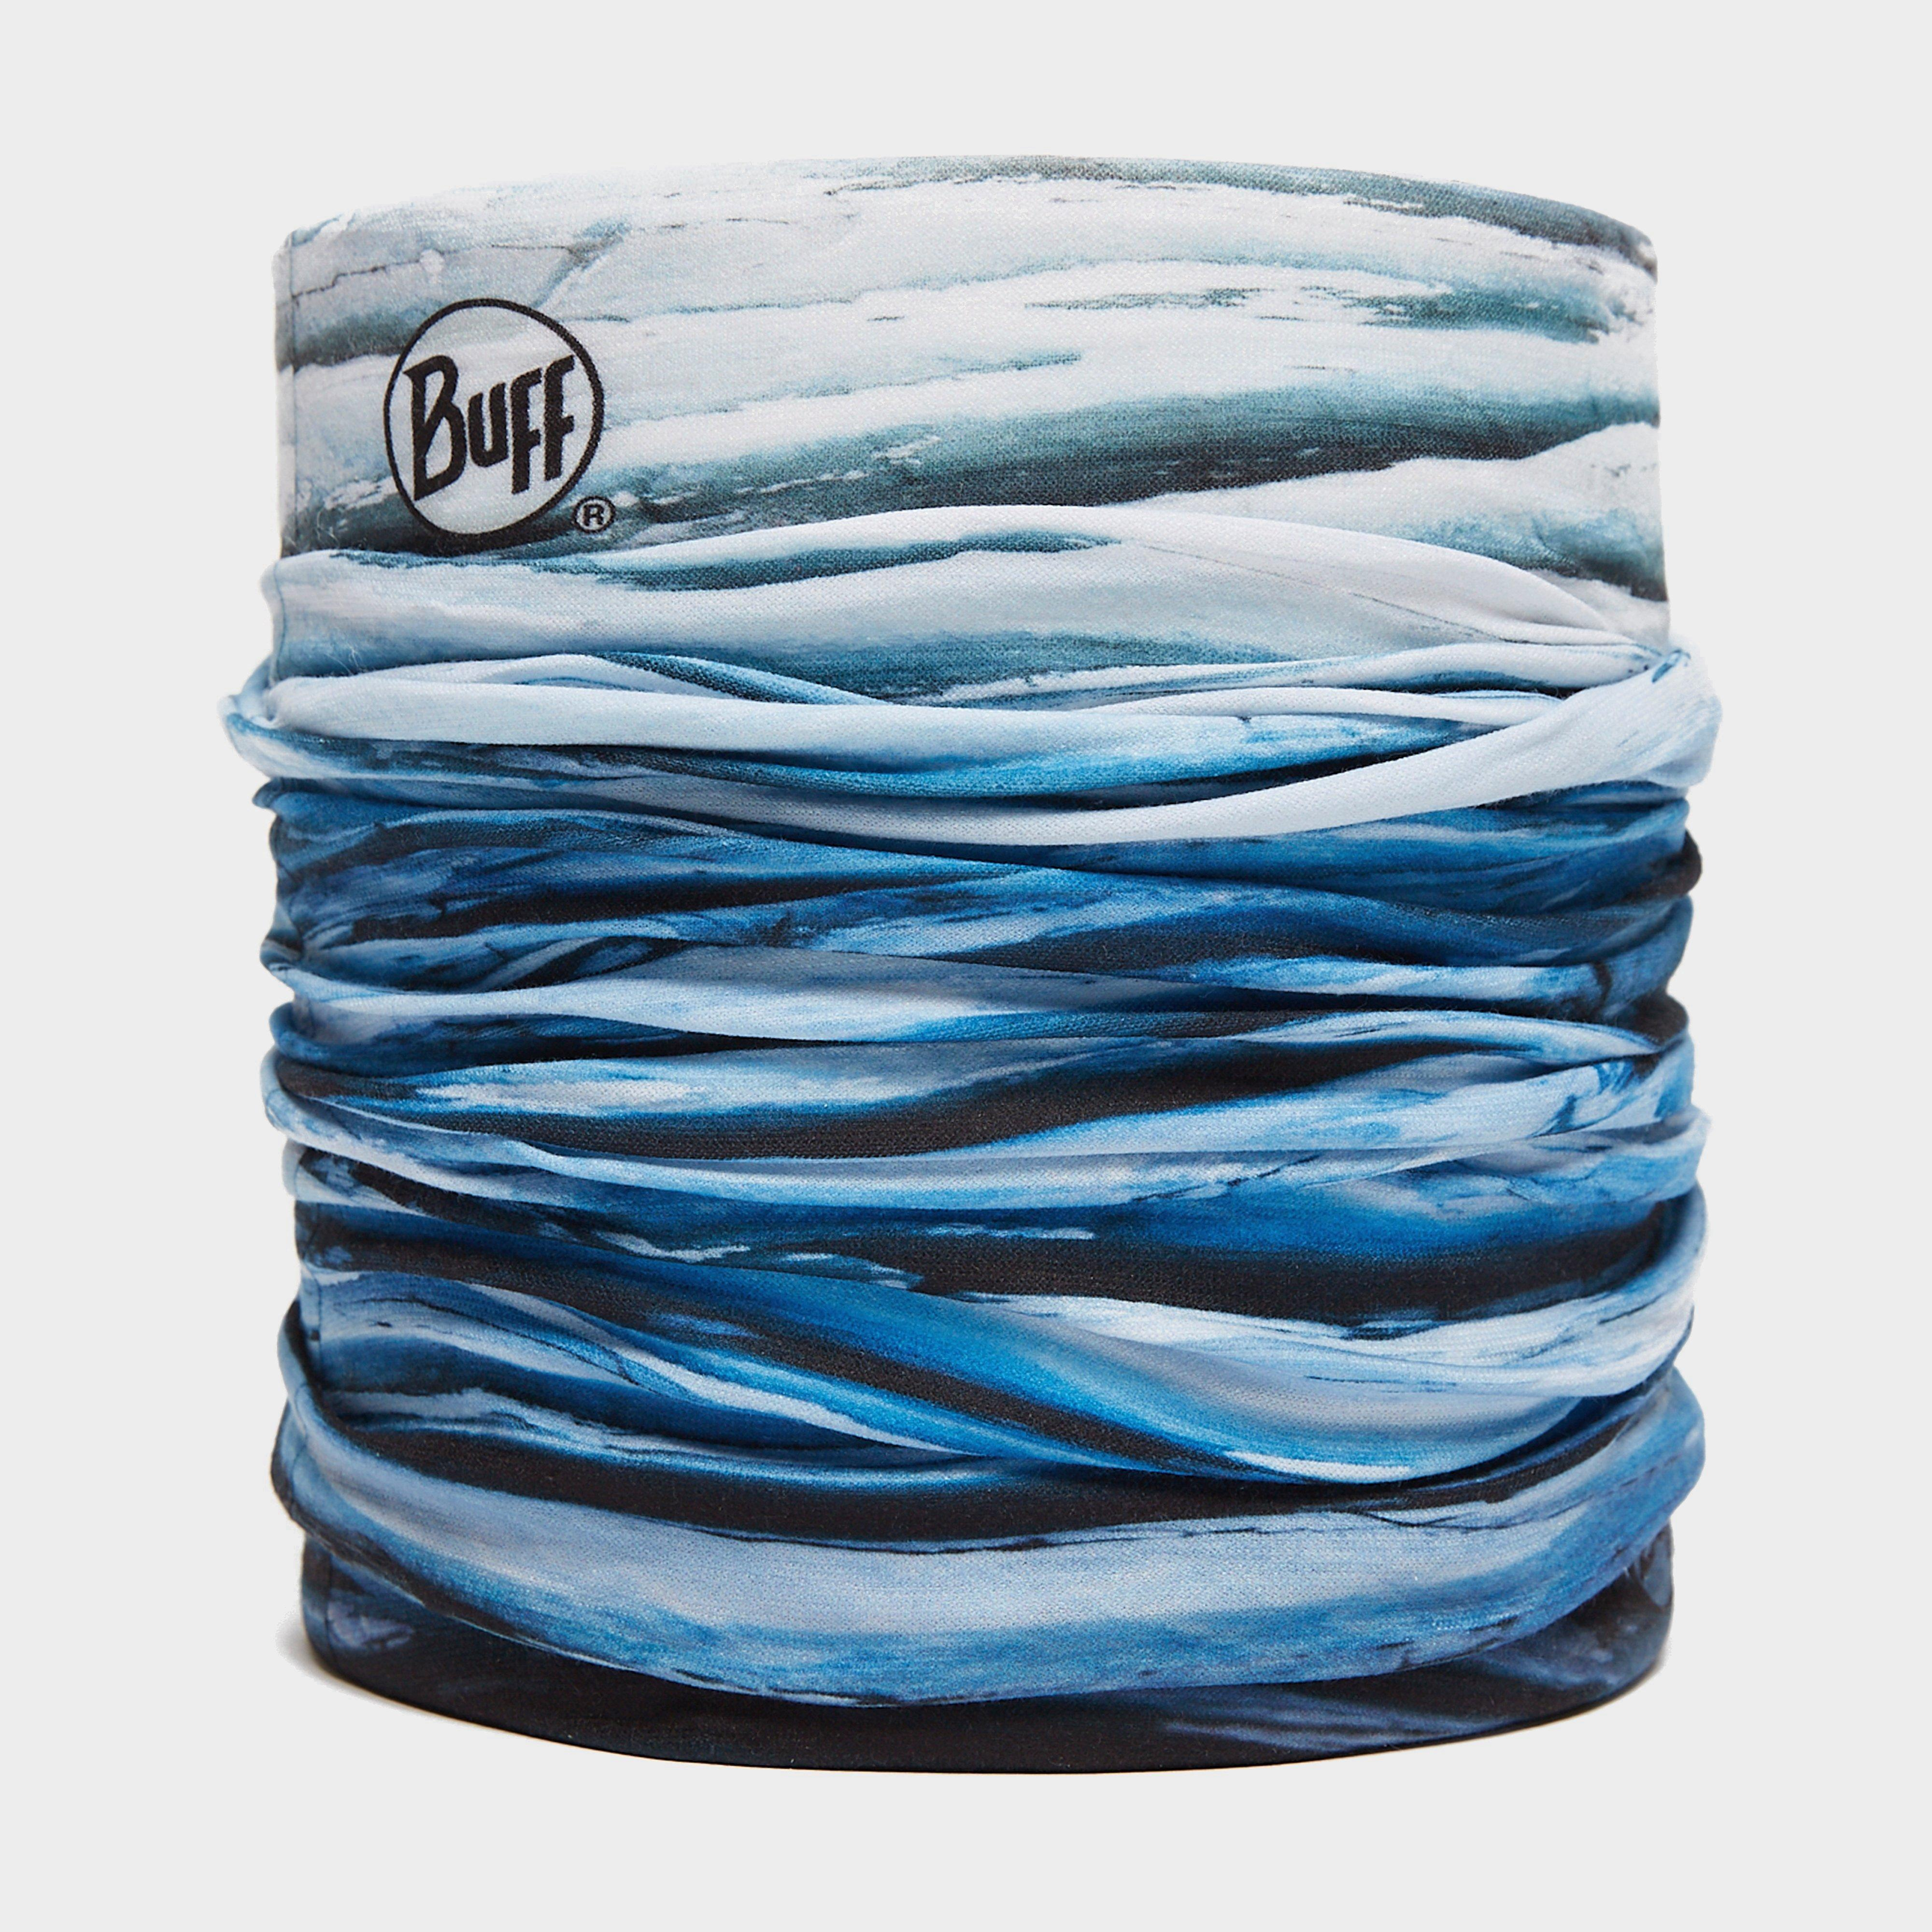 Buff New Original Buff - Blue/lbl  Blue/lbl